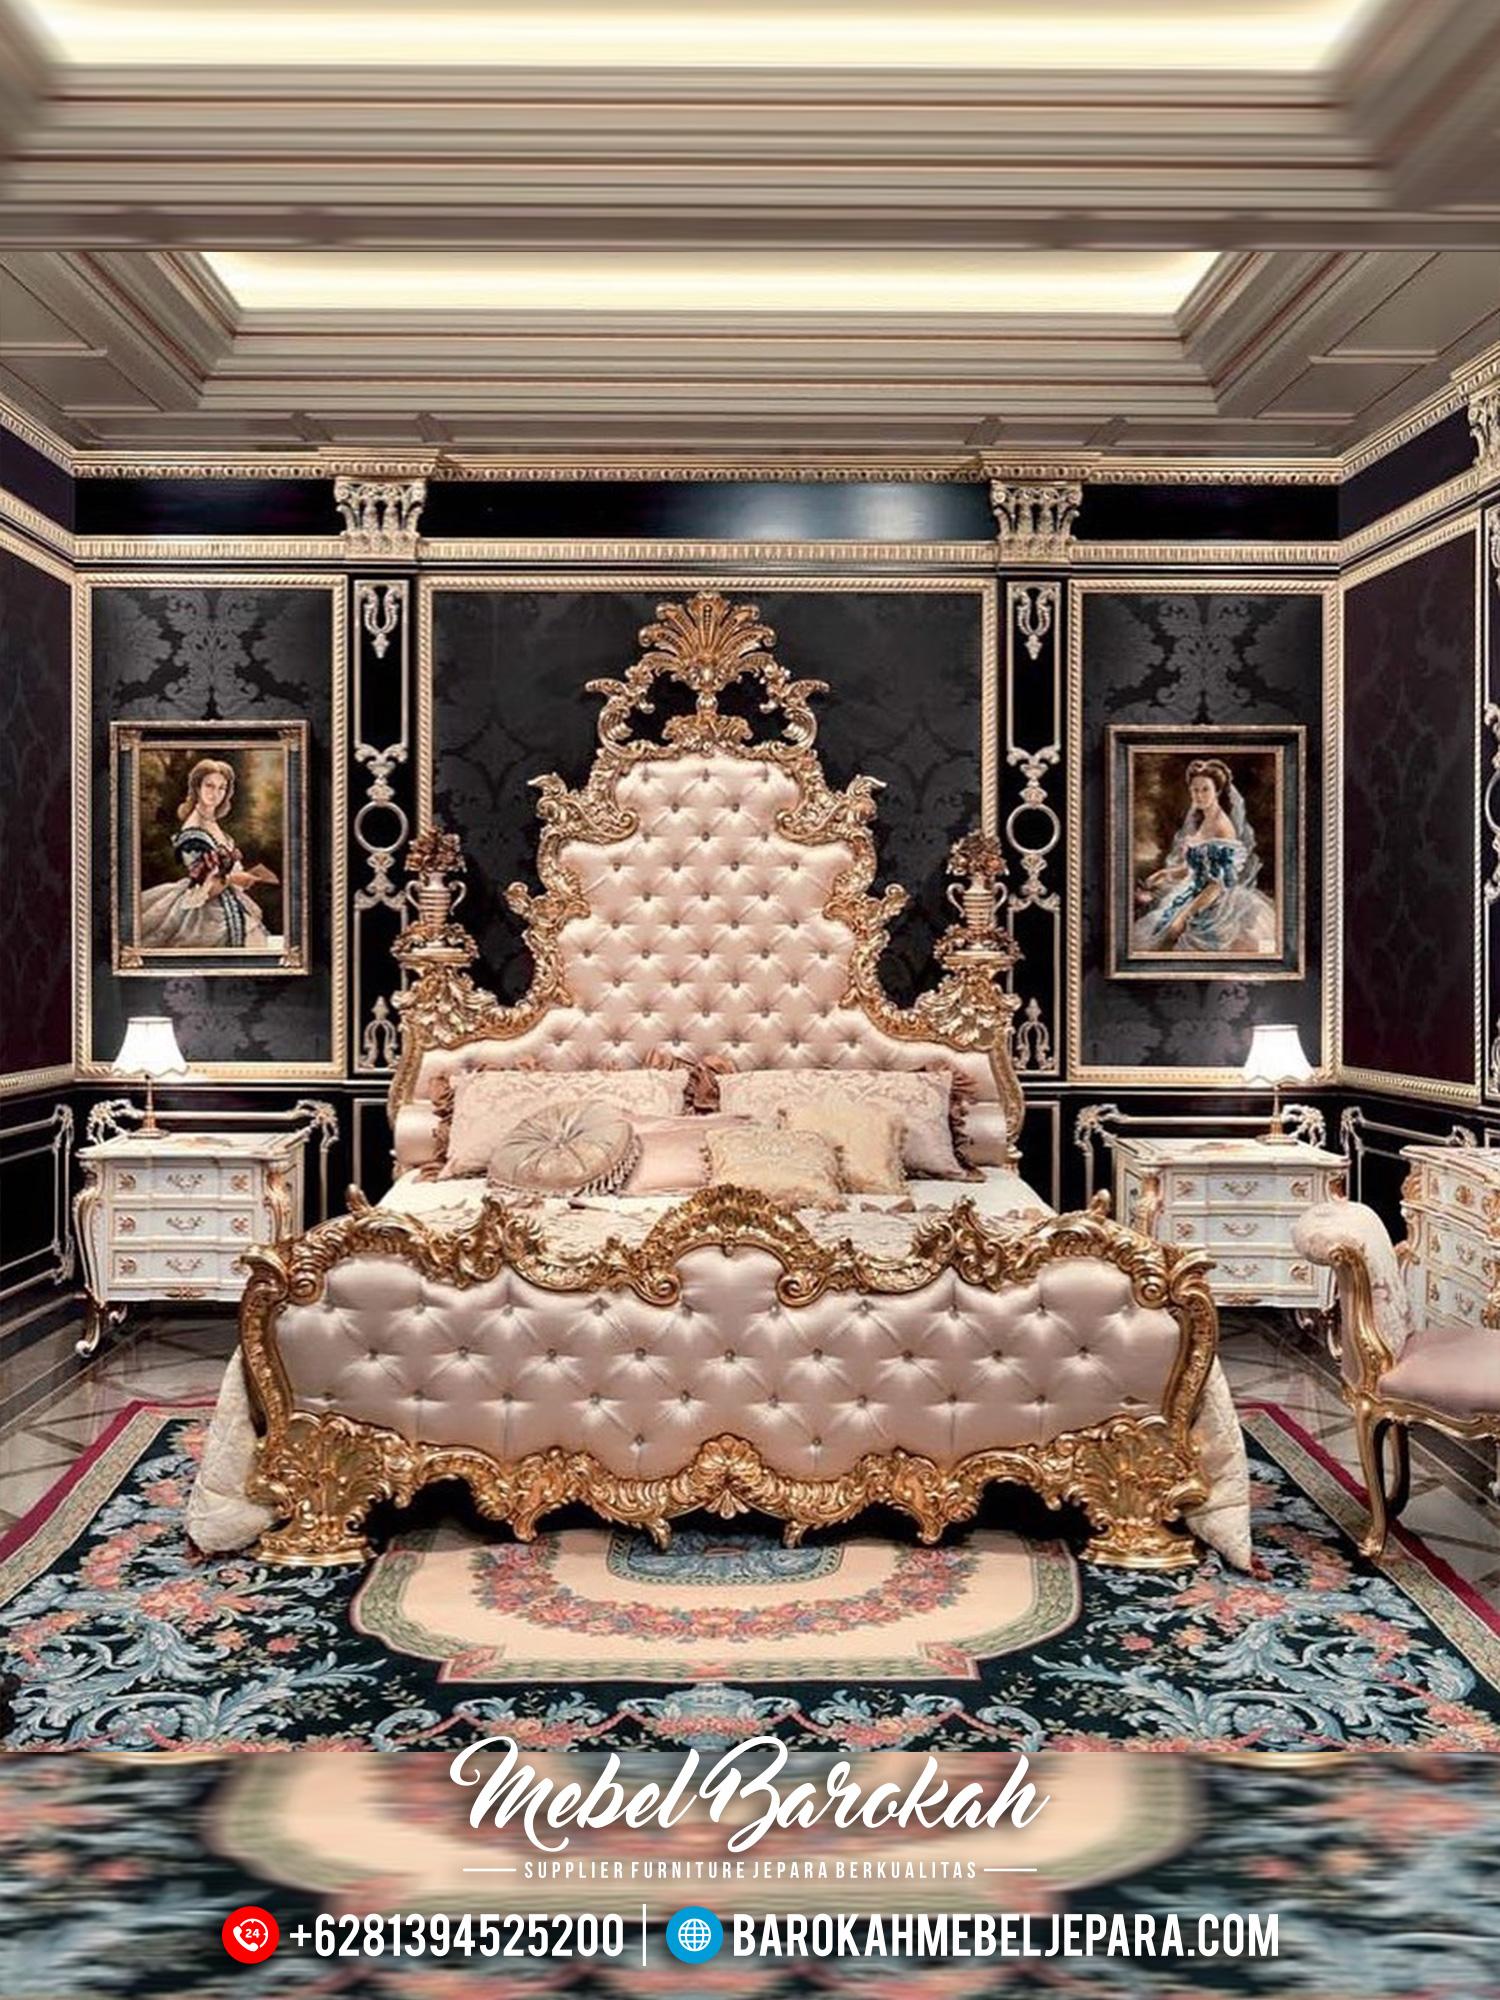 Bedroom Set Luxury, Kamar Set Mewah Ukiran Jepara MB-0450